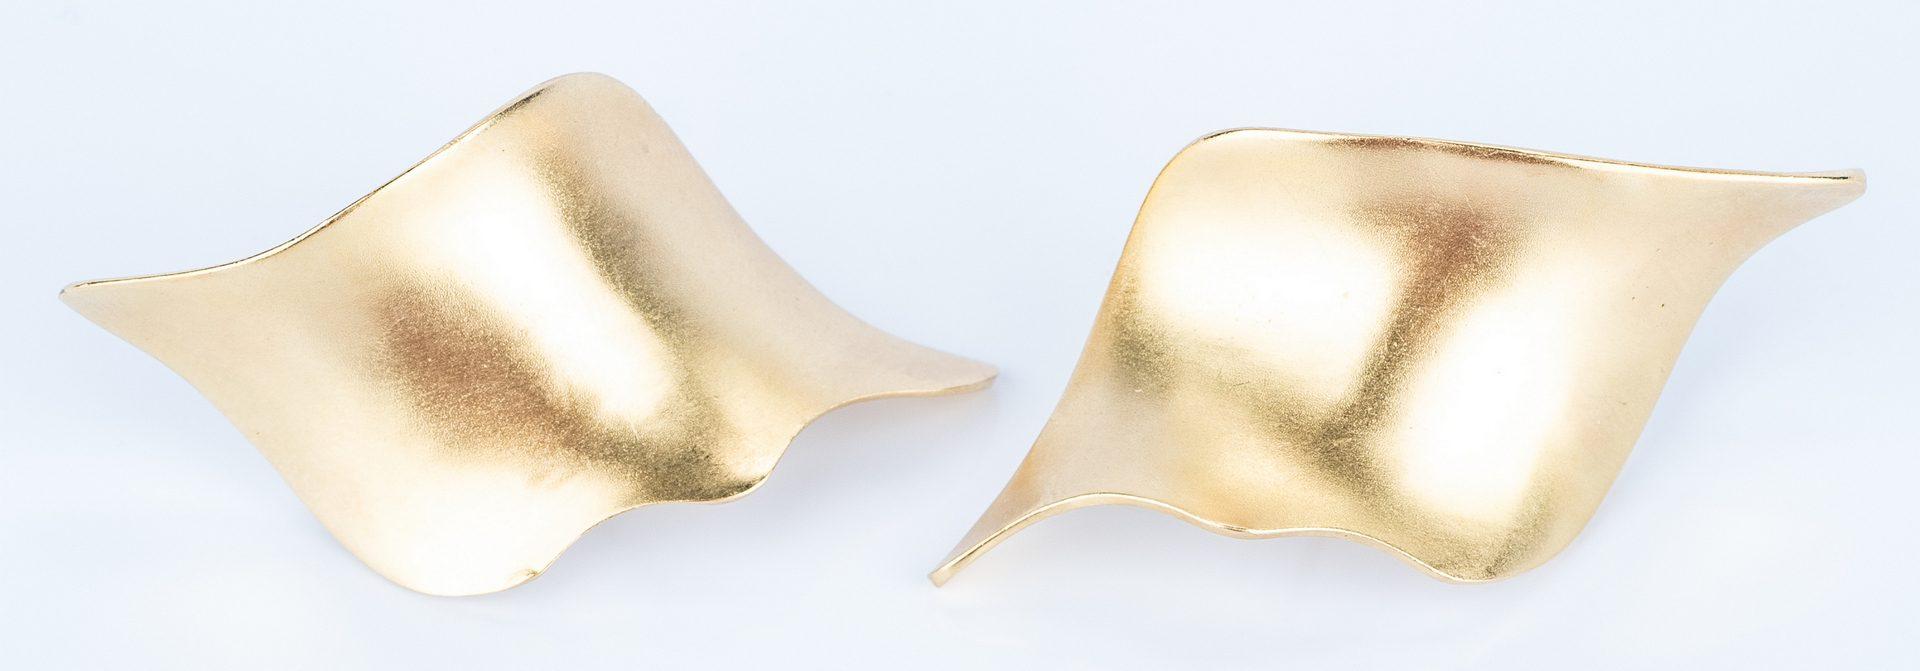 Lot 19: 2 Pairs 18K Italian Earrings incl. Lalounis